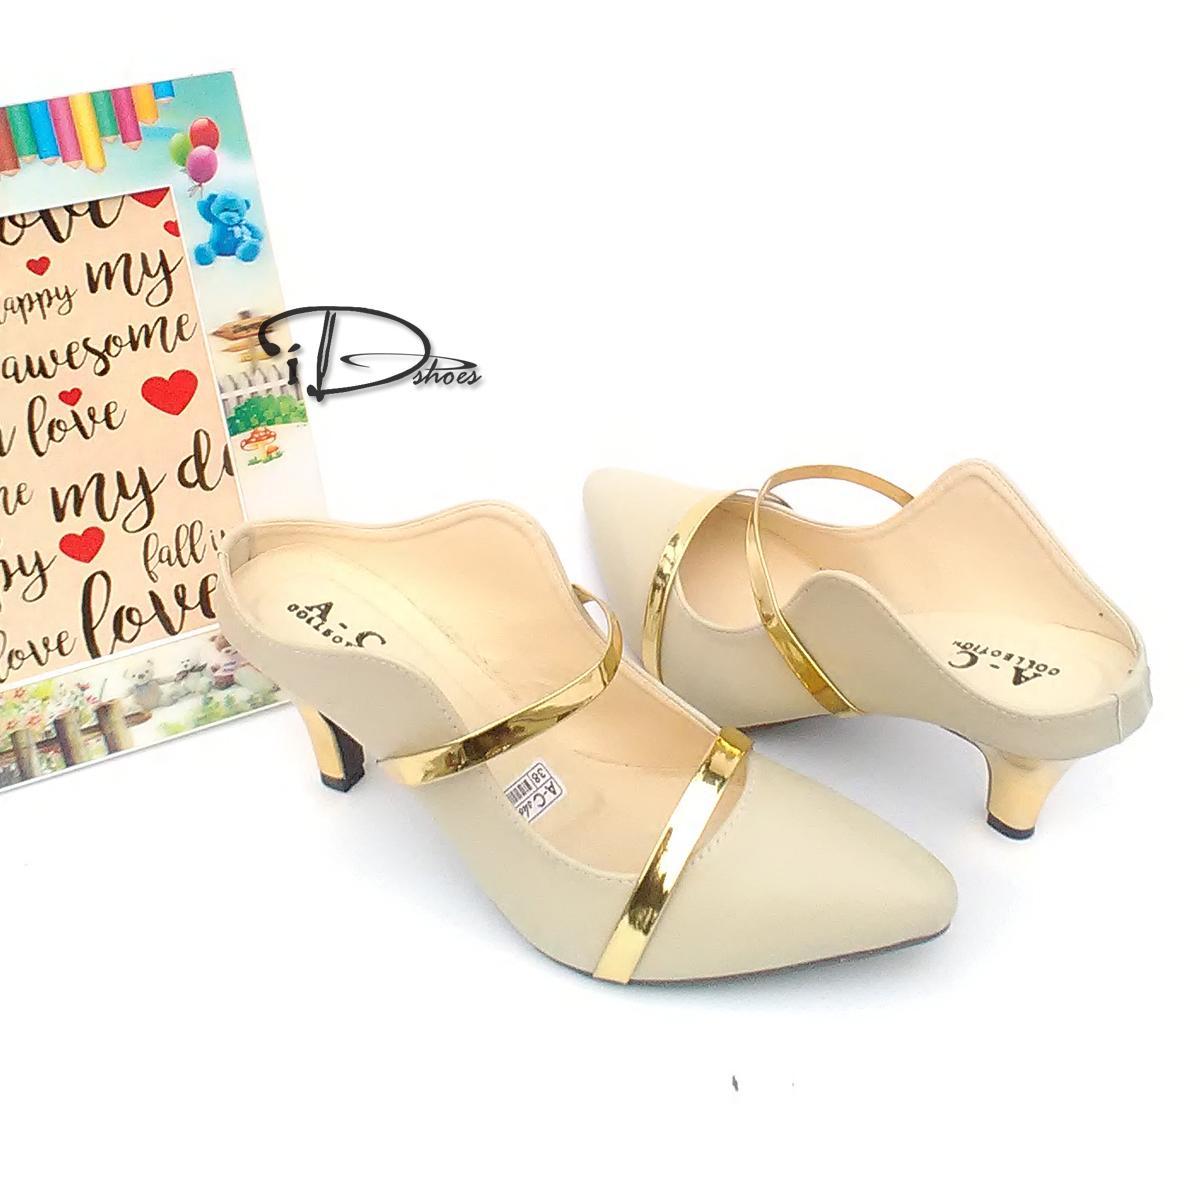 Sepatu Sandal High Heels Wanita Hj10 Cream2 Daftar Harga Terbaru D Tb41 2 S5 Cream 3